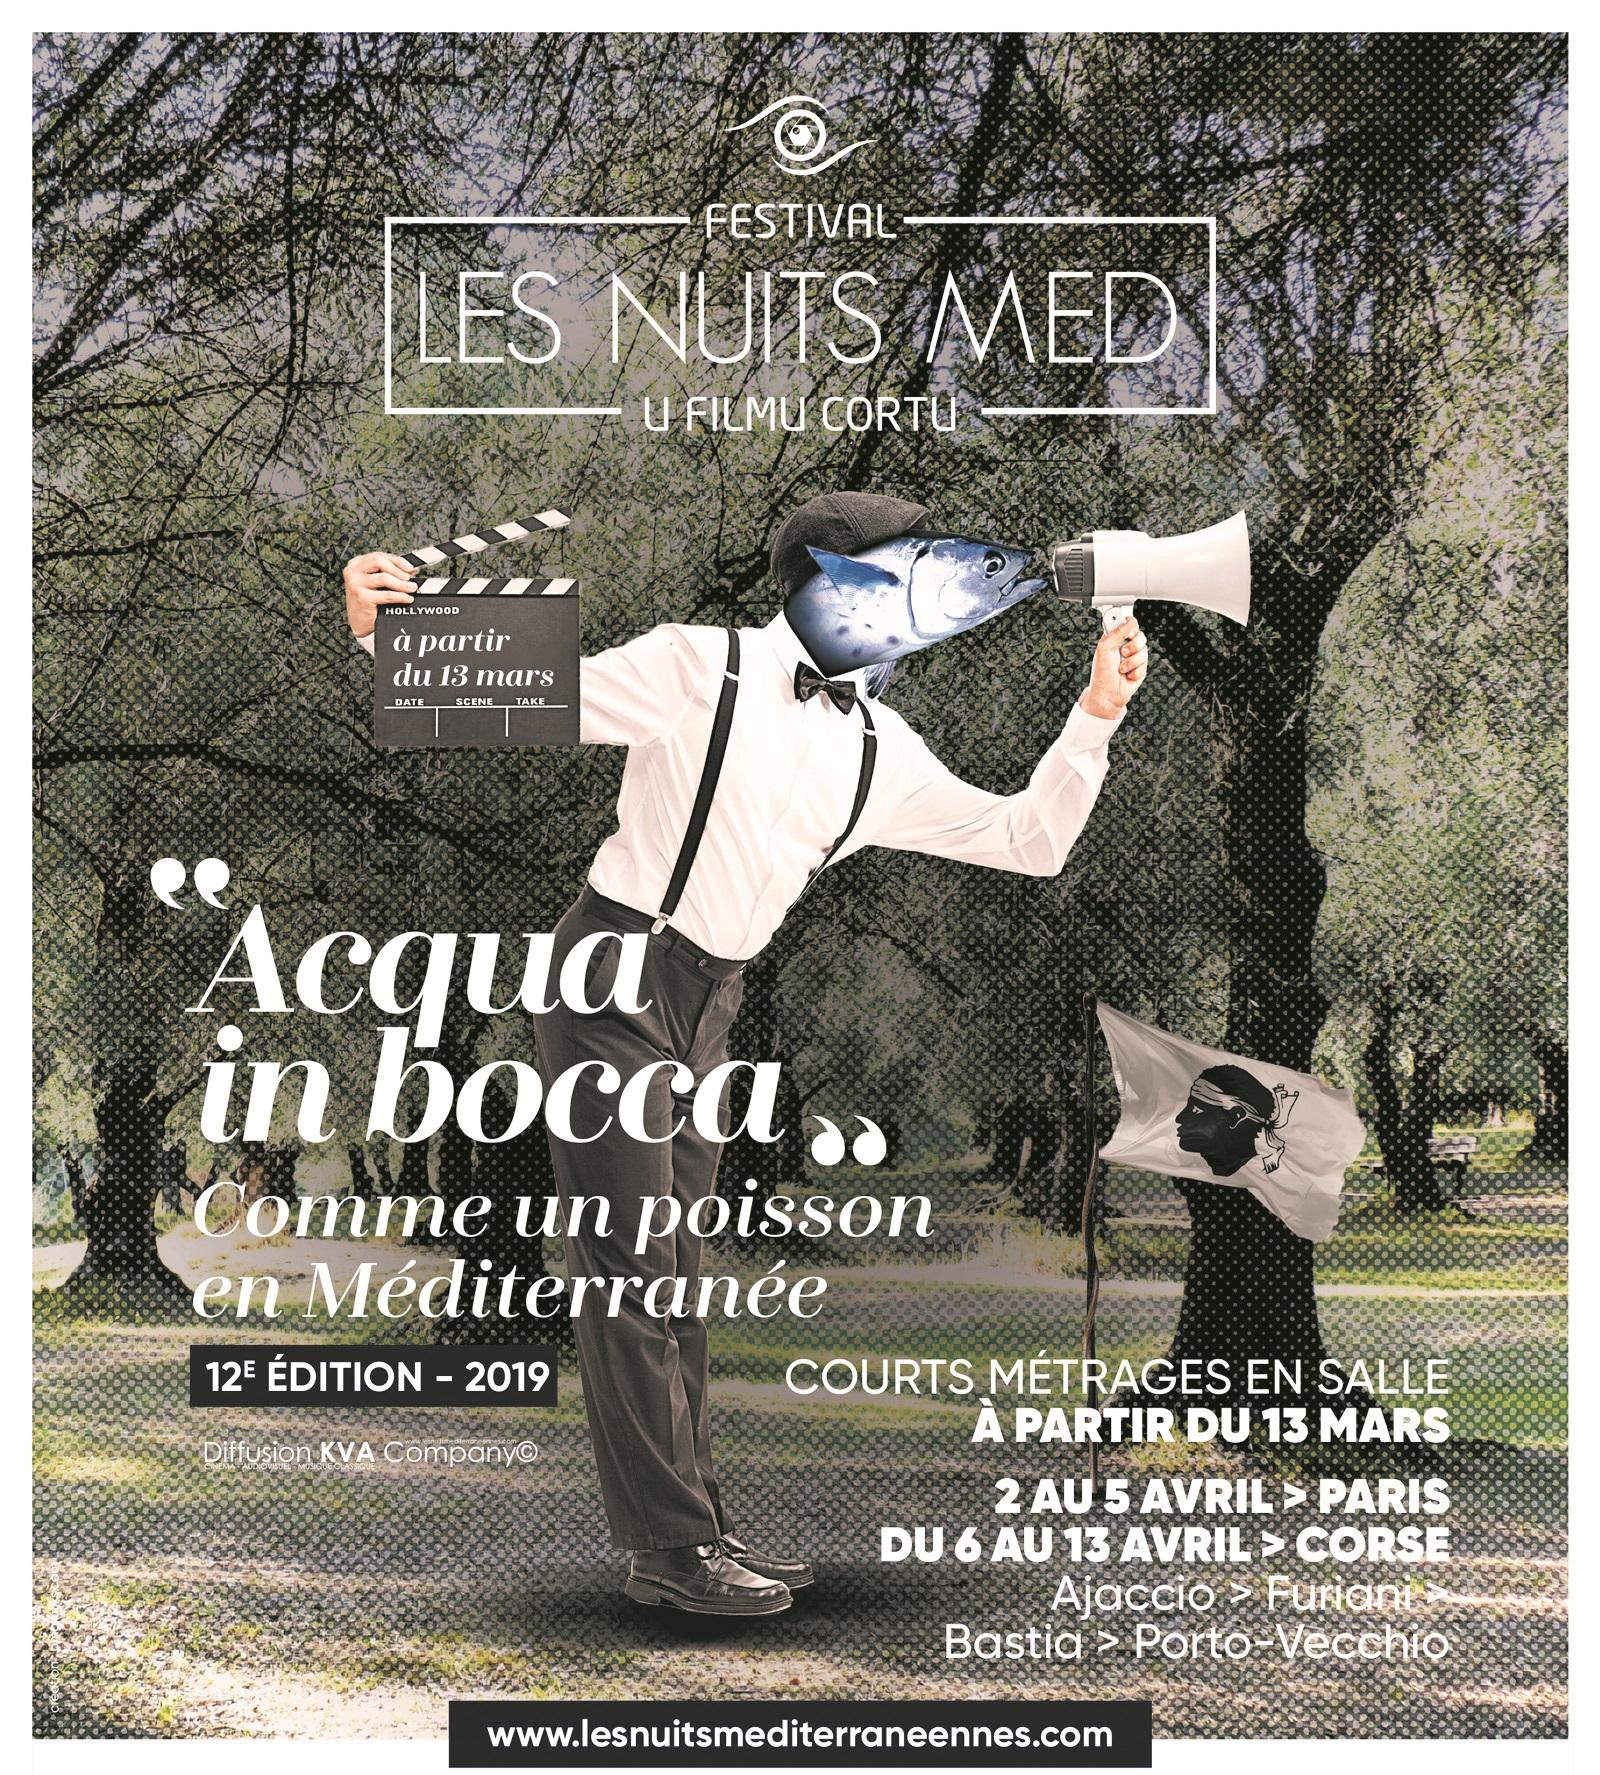 Les nuits Med.. Mercredi 10 Avril 2019 à partir de 19h00 à la Cinémathèque de Corse.